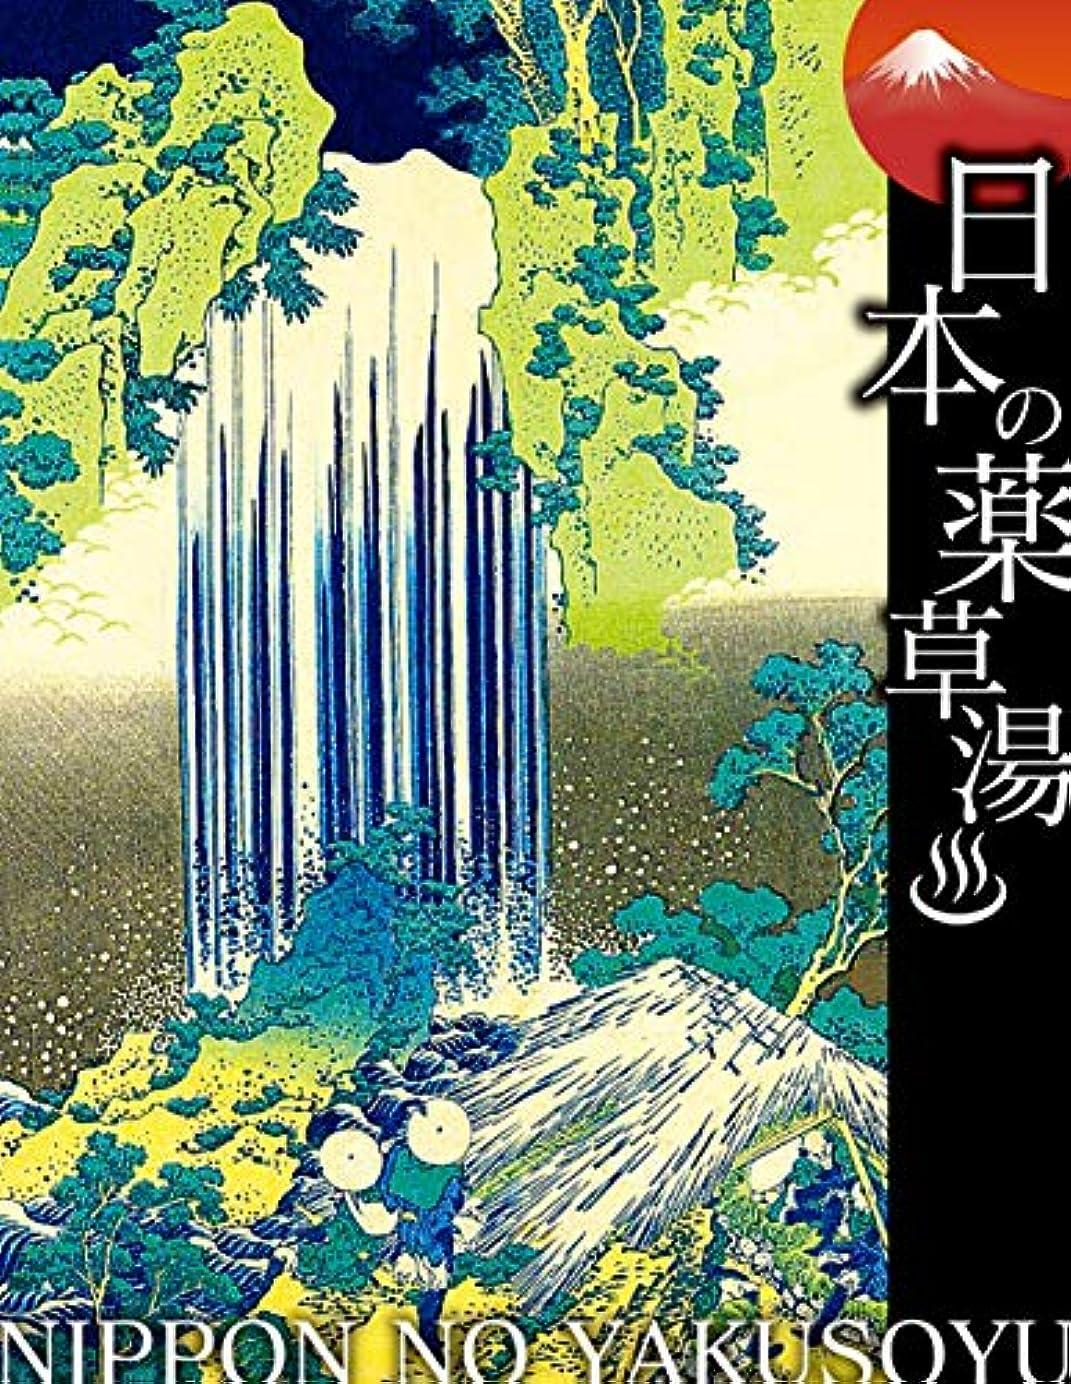 兵隊ドキュメンタリー期待する日本の薬草湯 美濃ノ国養老の瀧(諸国瀧廻り)